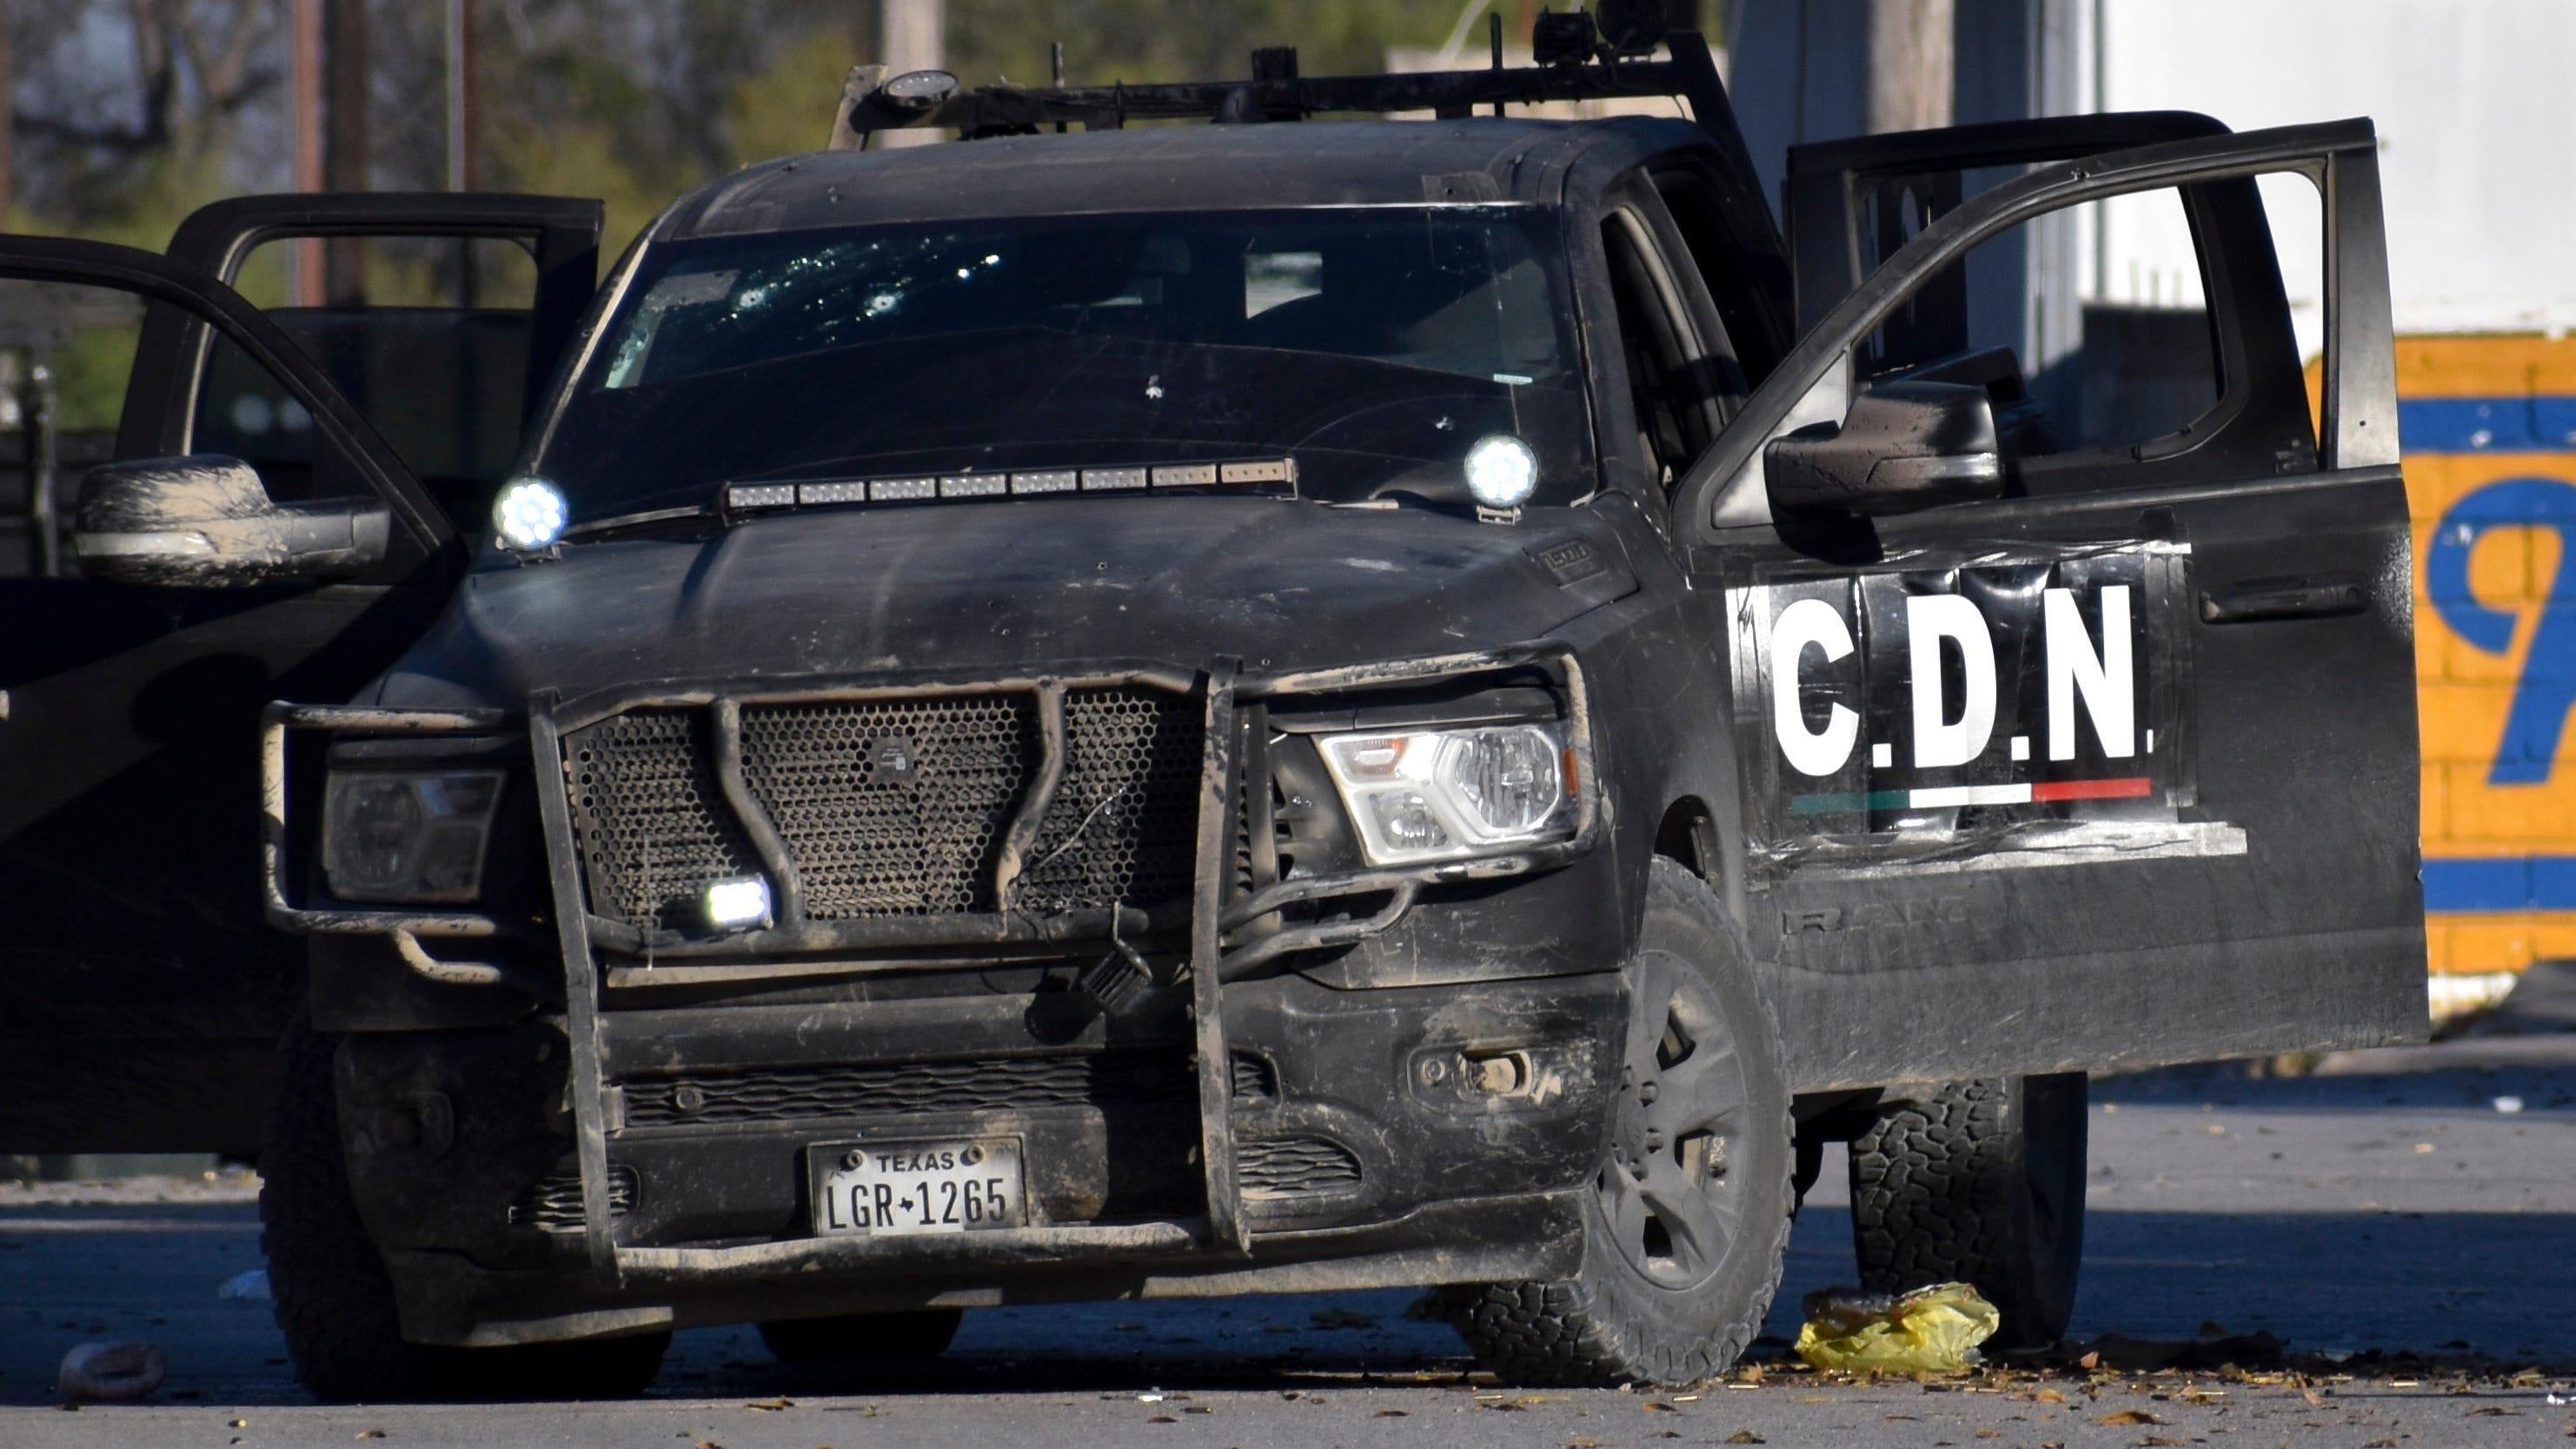 Villa Union 21 Dead In Presumed Cartel Attack In Coahuila Mexico